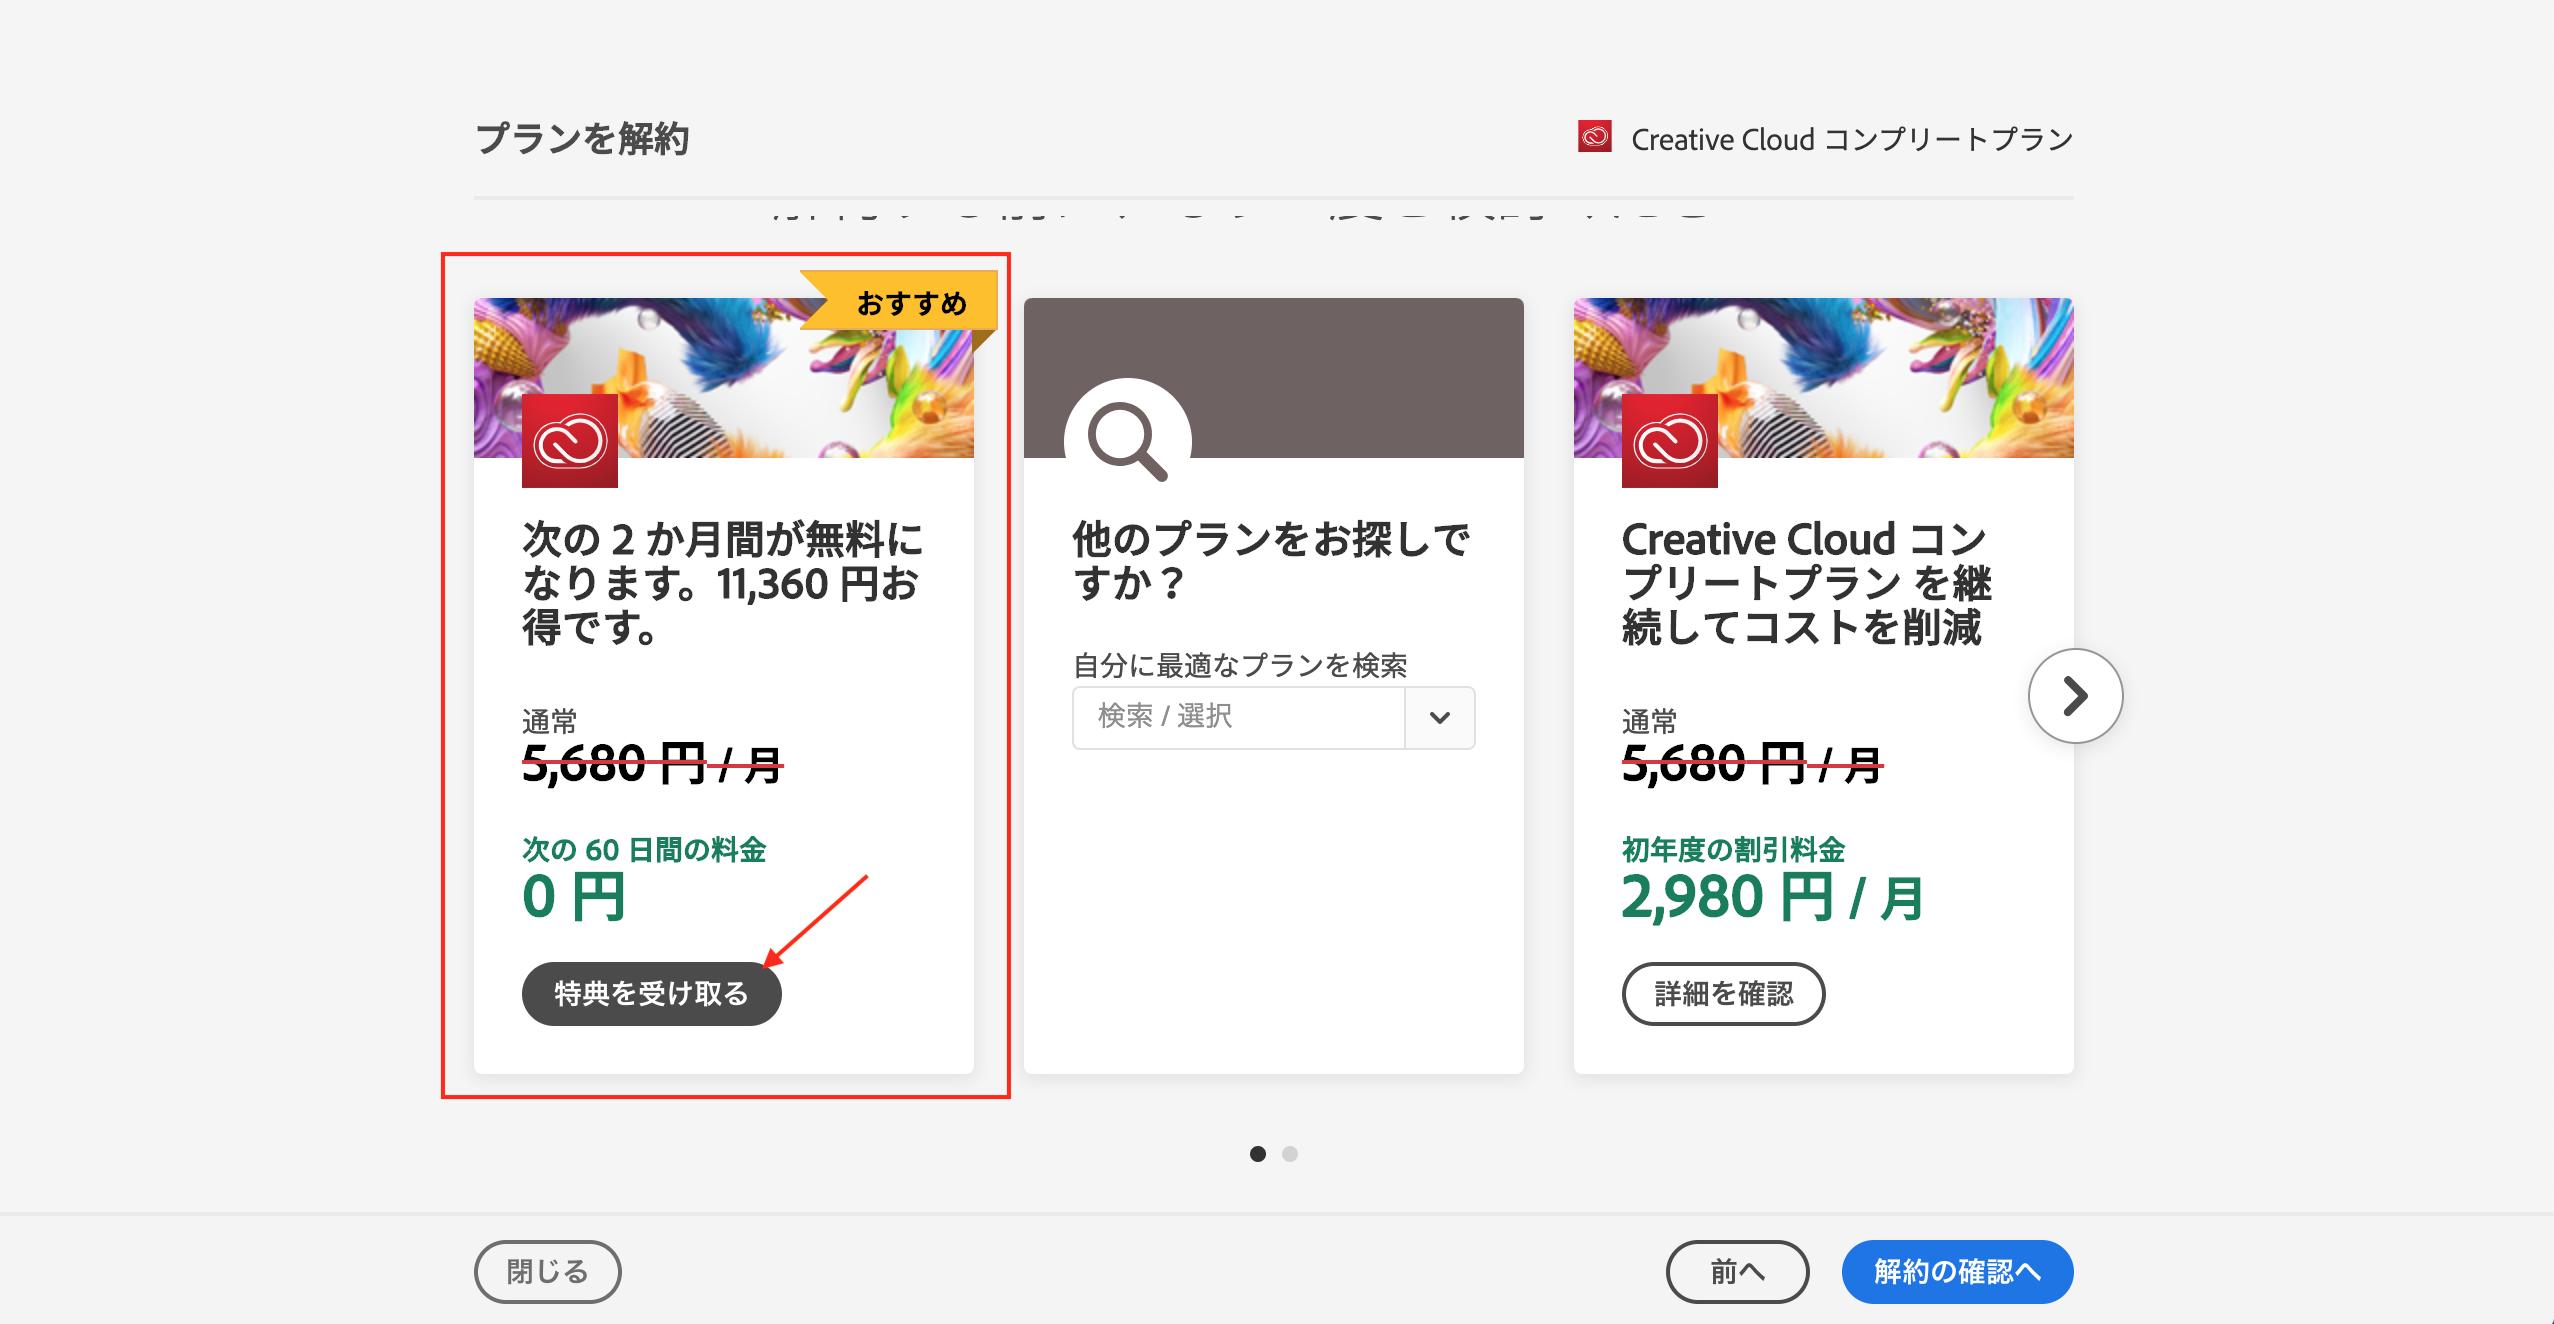 Screenshot 2020 04 08 at 17.20.06